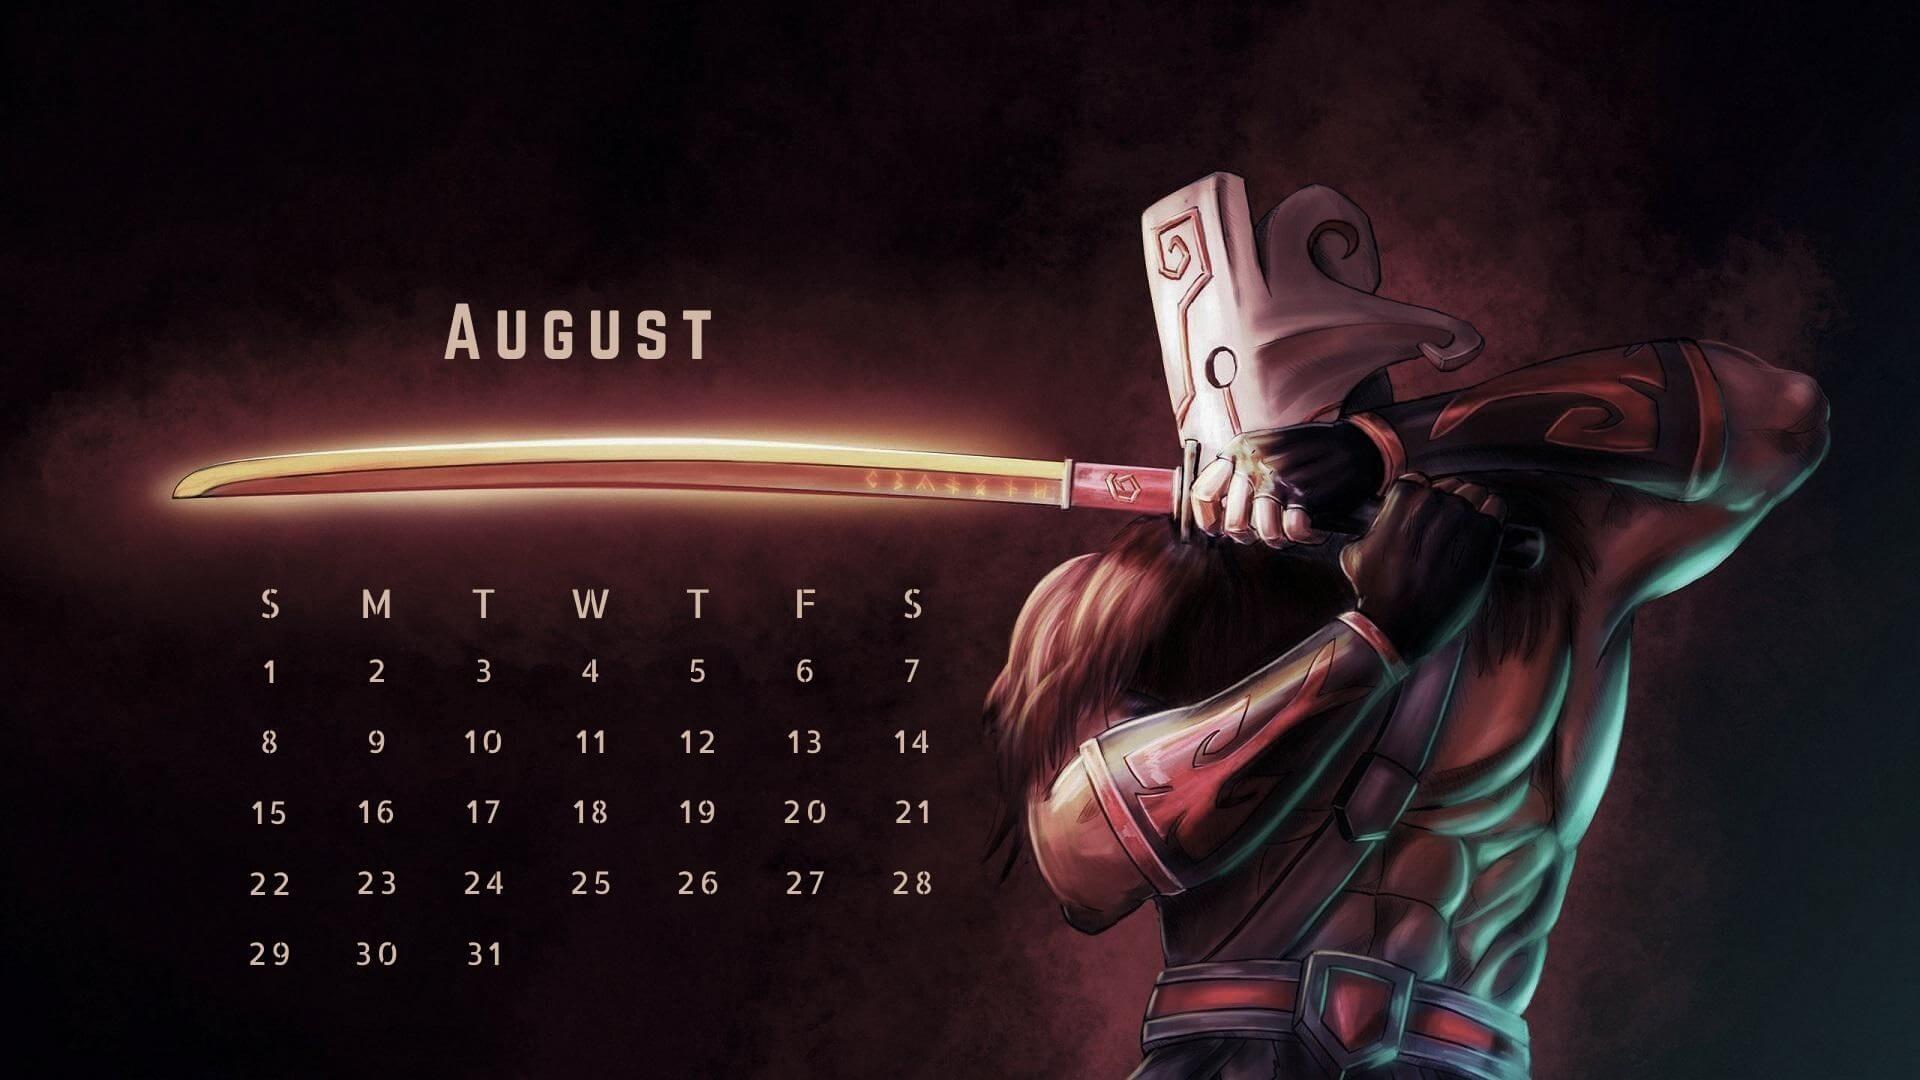 August 2021 Calendar Wallpaper for Desktop